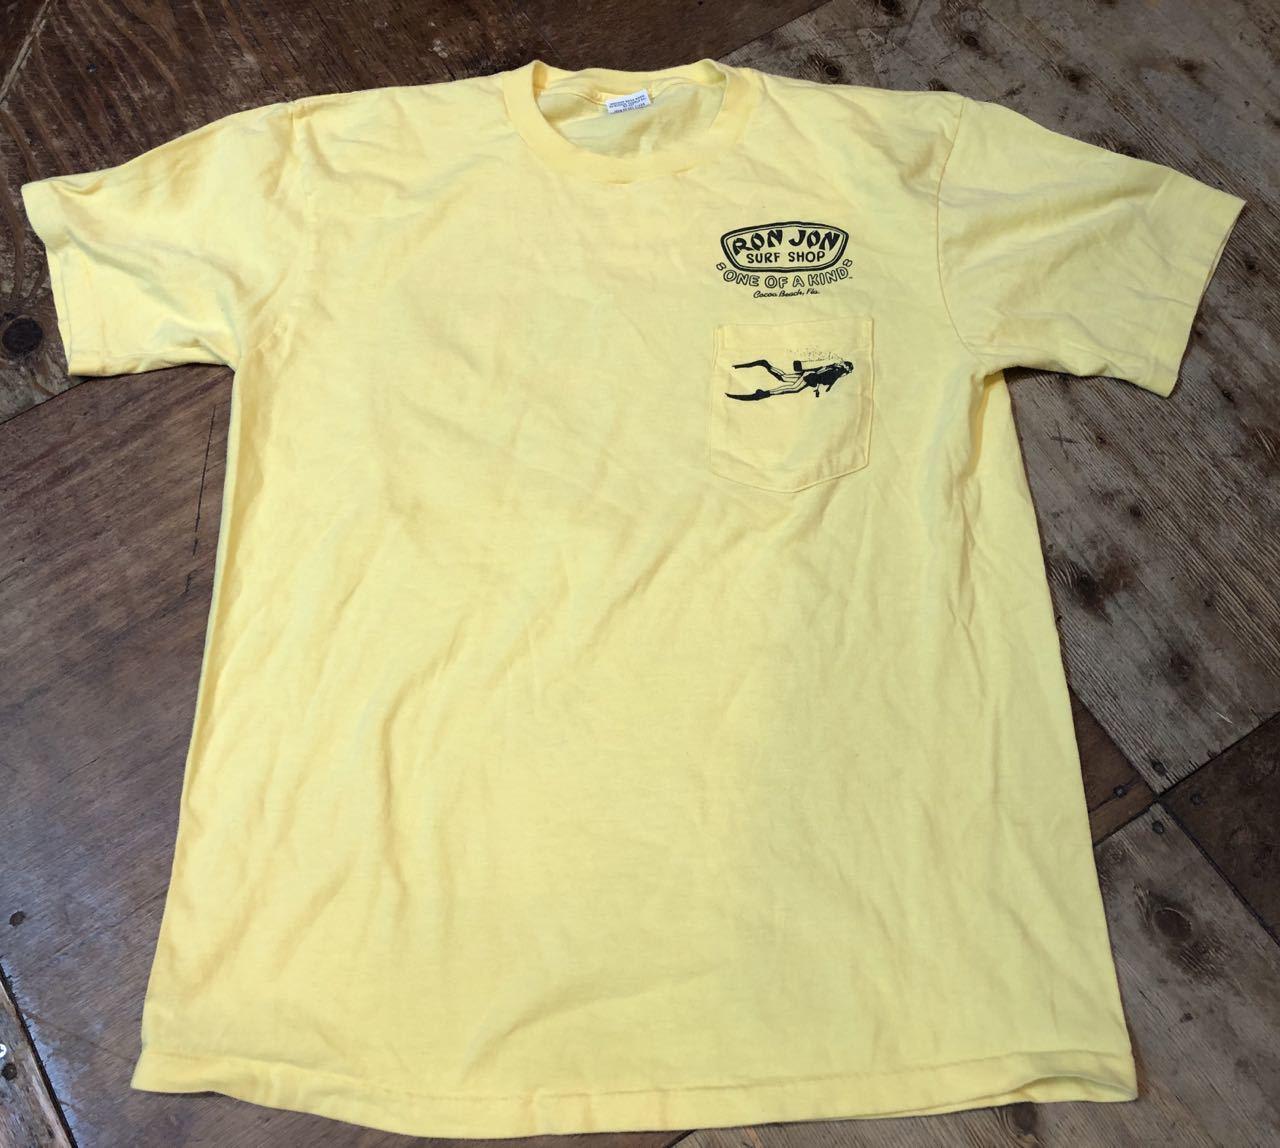 8/3(土)入荷!80s MADE IN U.S.A RON JON SURF SHOP バックプリント ポケットTシャツ!_c0144020_14183237.jpg